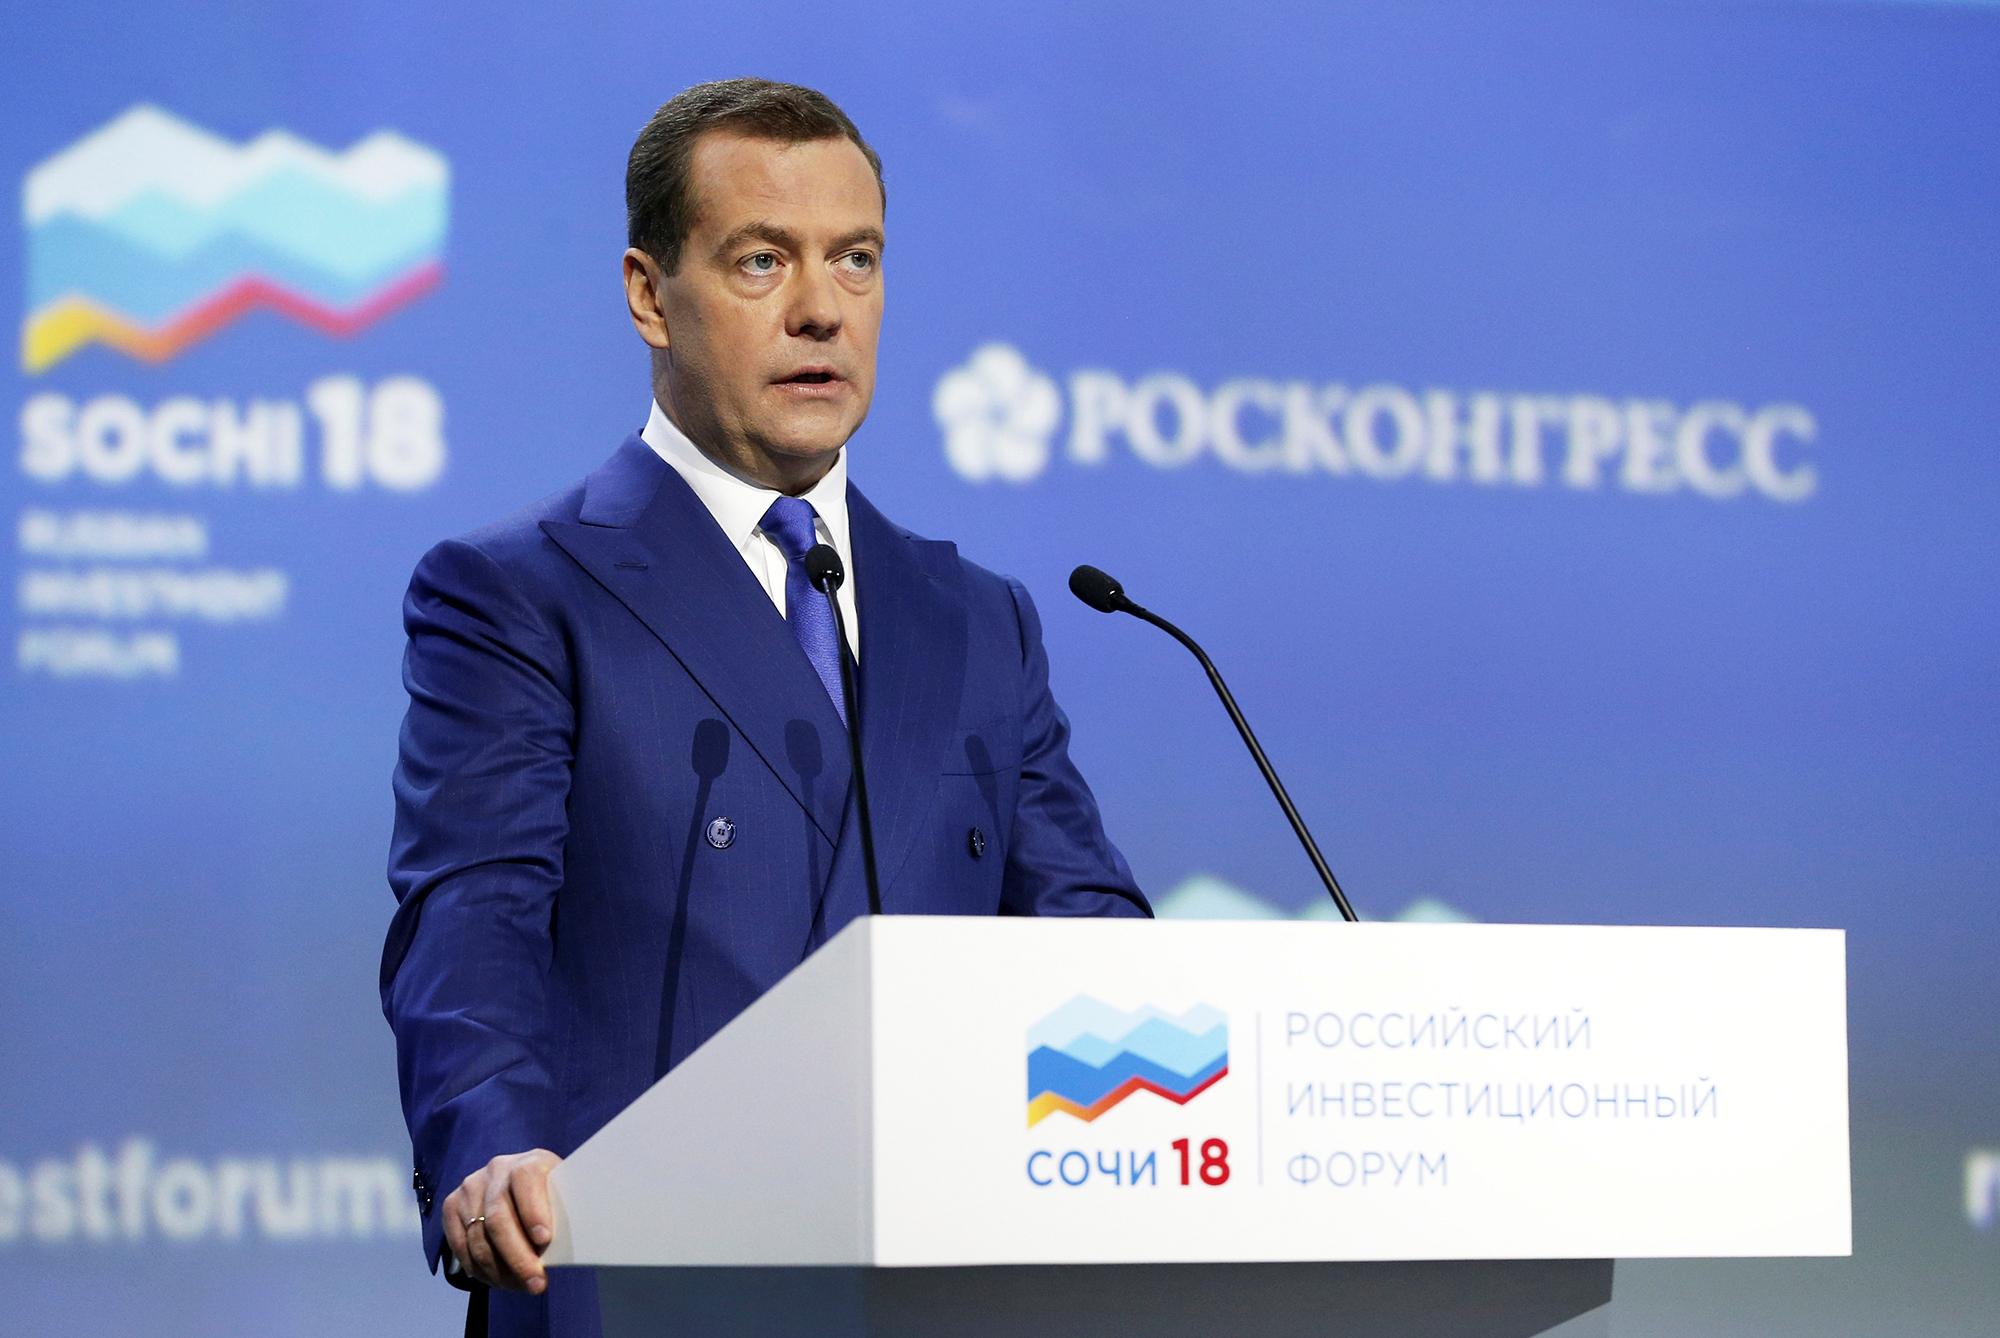 Экономическое чудо. Медведев пообещал бизнесу дешевые деньги